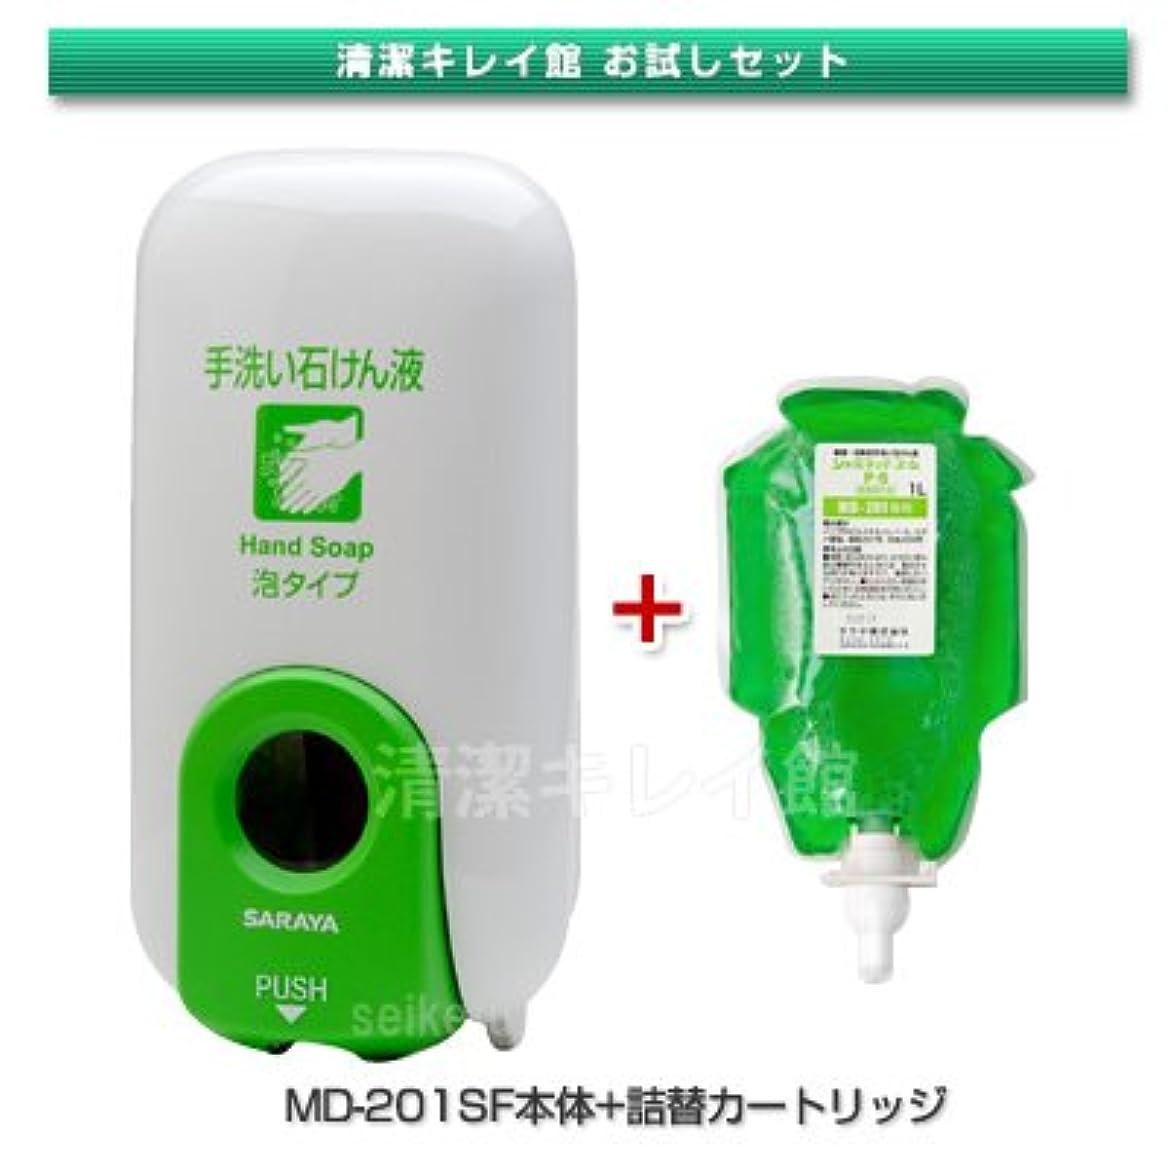 カリキュラムブリッジ最少サラヤ プッシュ式石鹸液 MD-201SF(泡)【清潔キレイ館お試しセット】(本体とカートリッジ/ユムP-5)